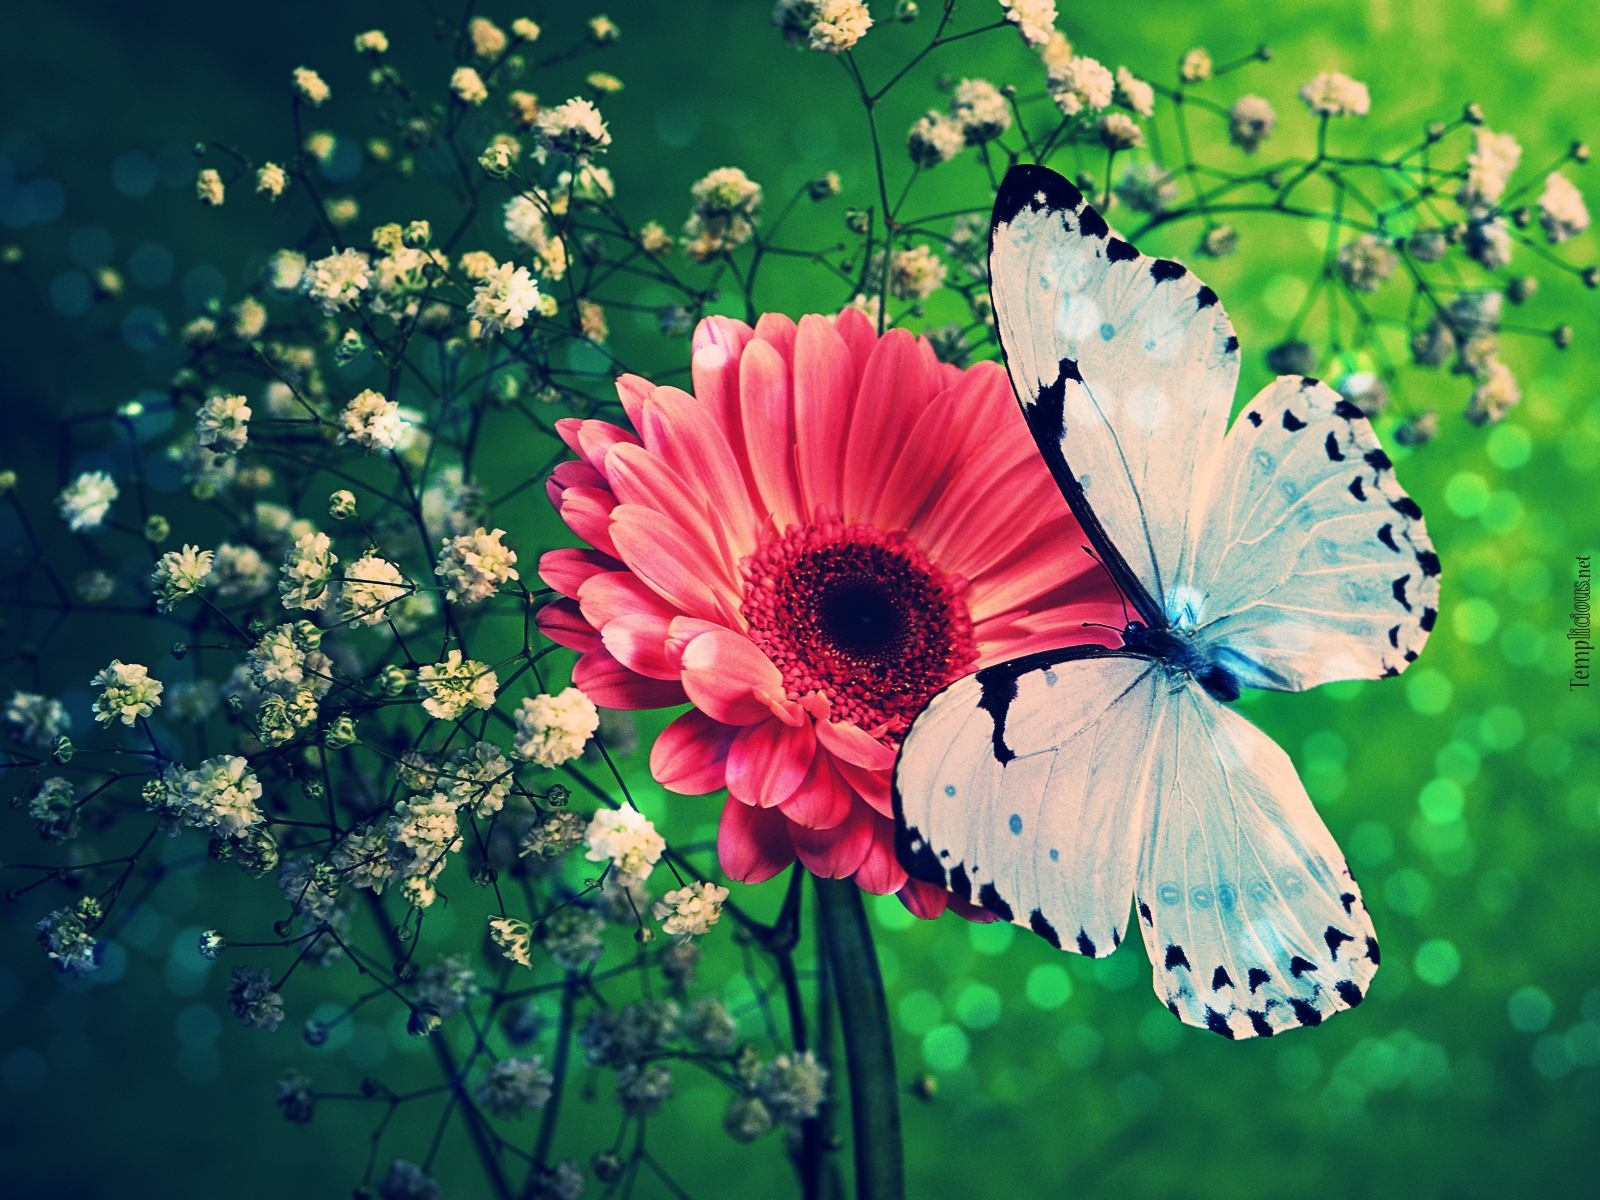 butterflies high definition wallpapers